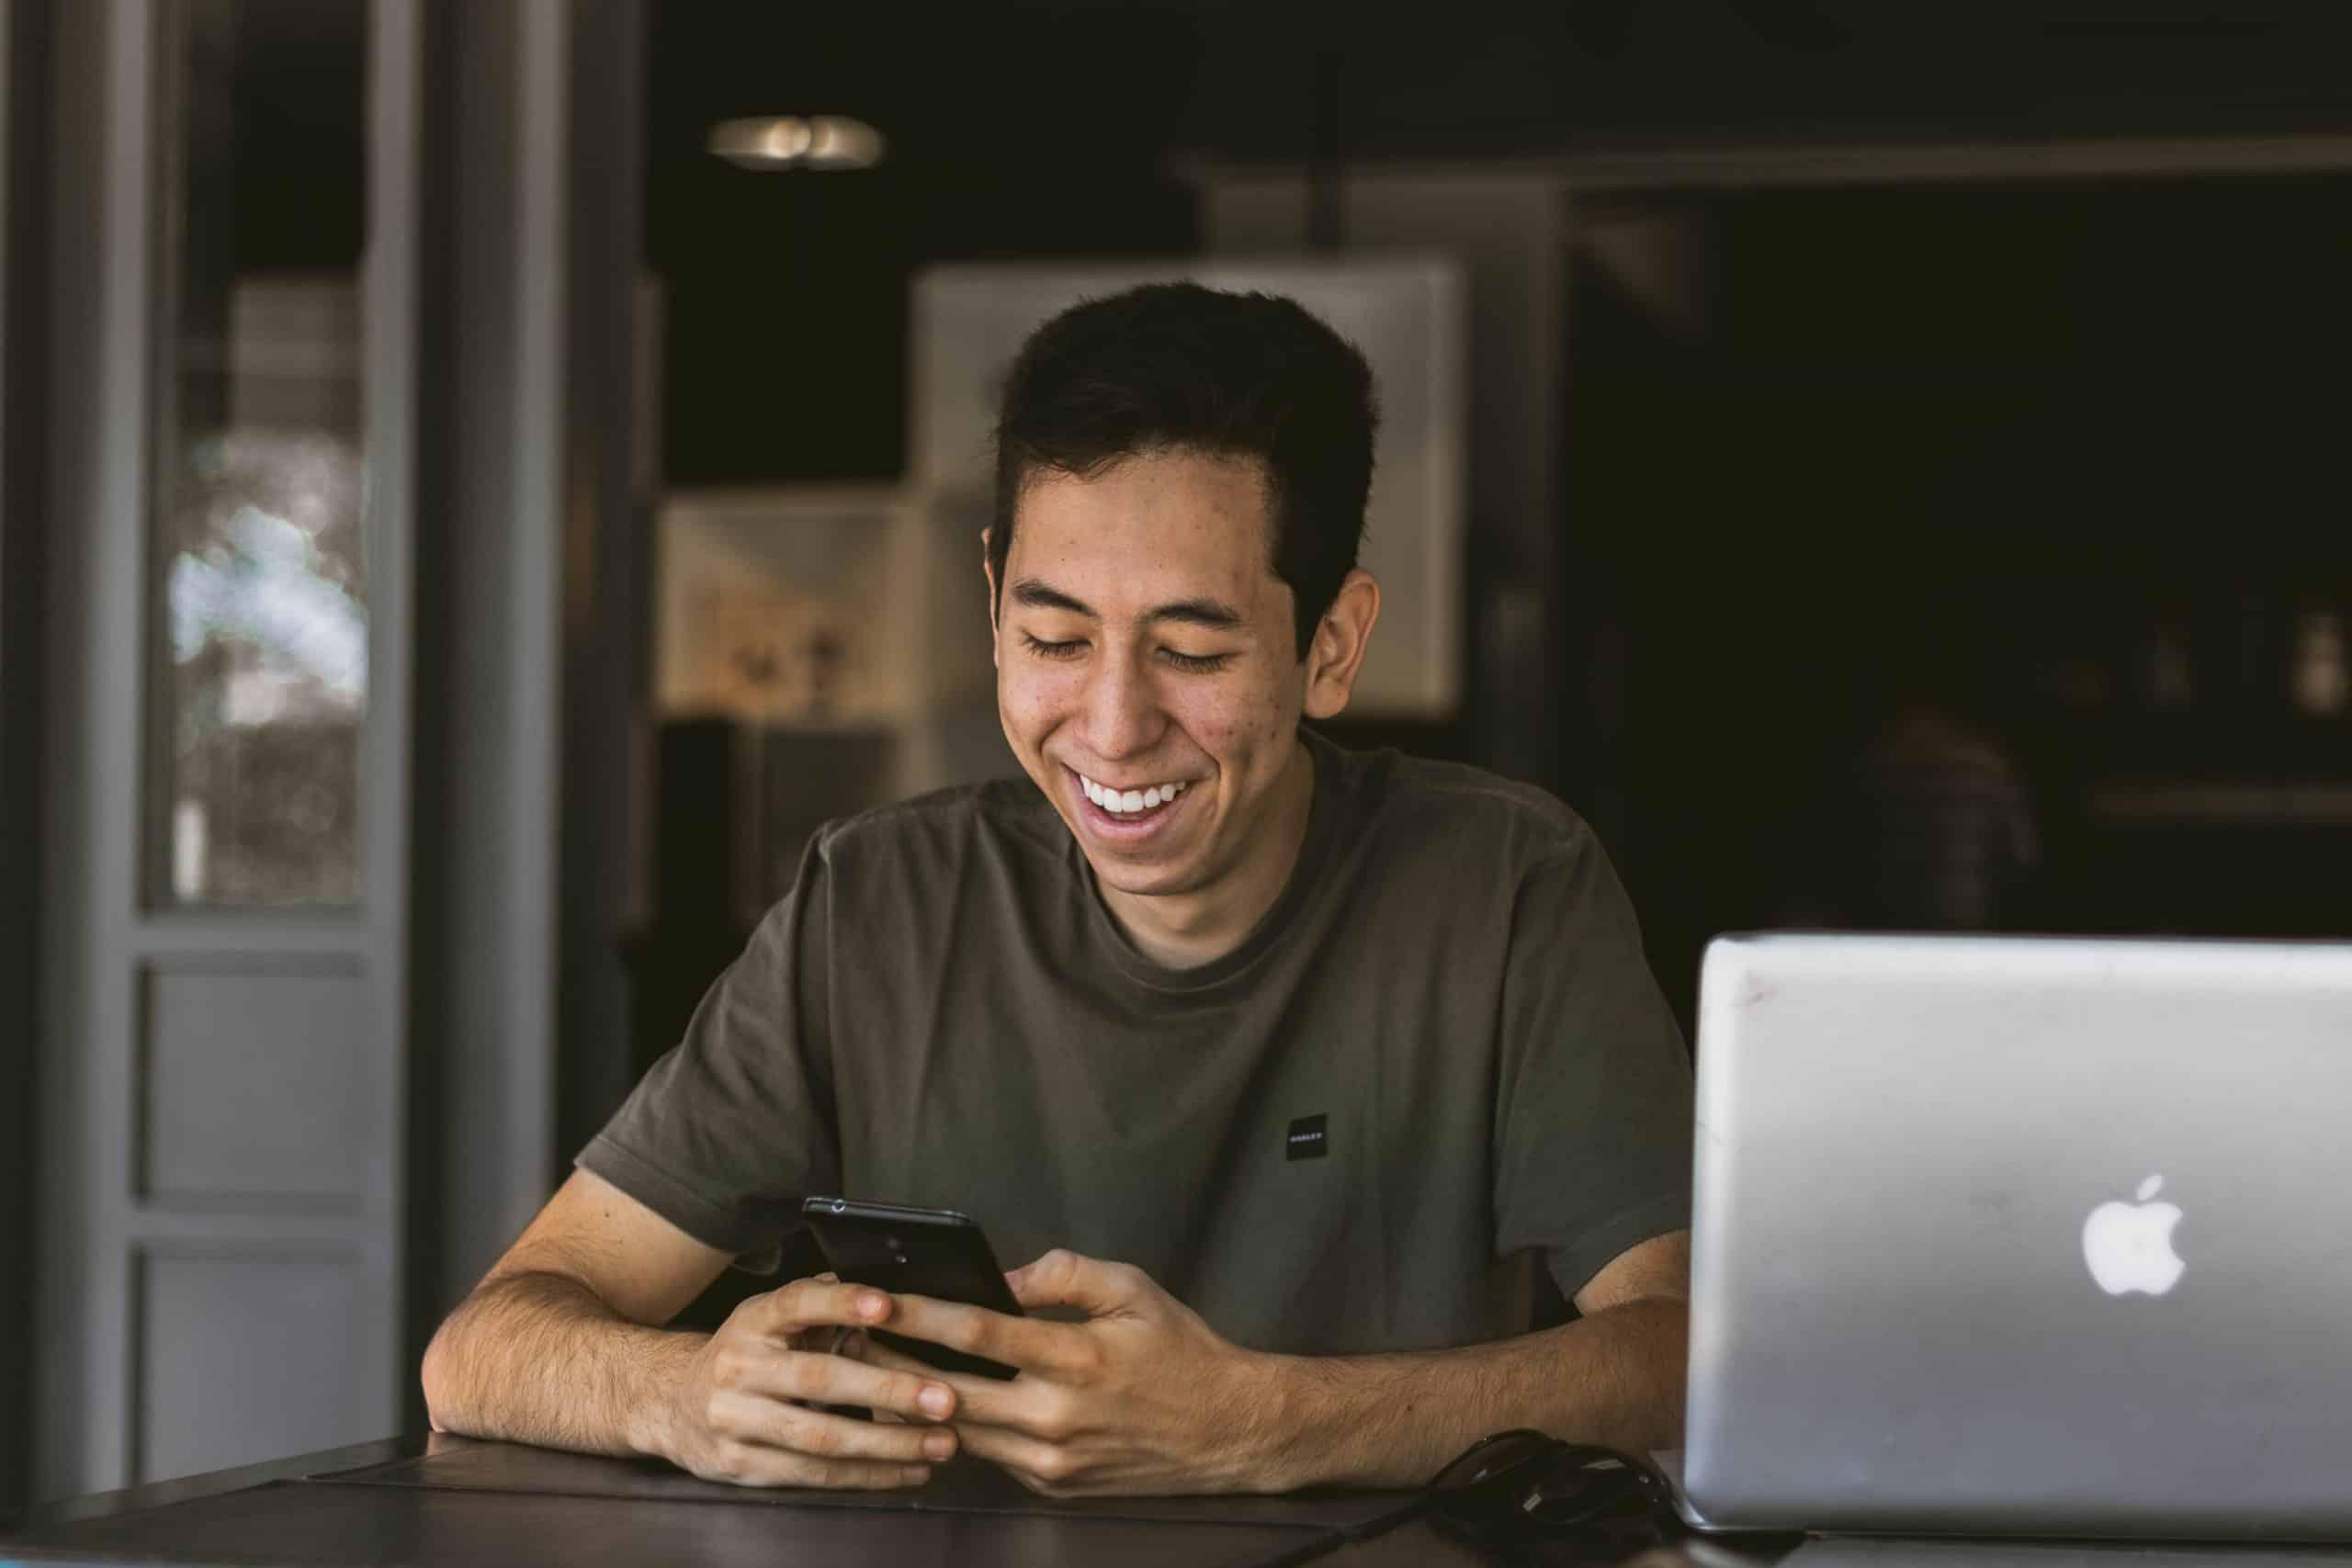 man-on-phone-smiling